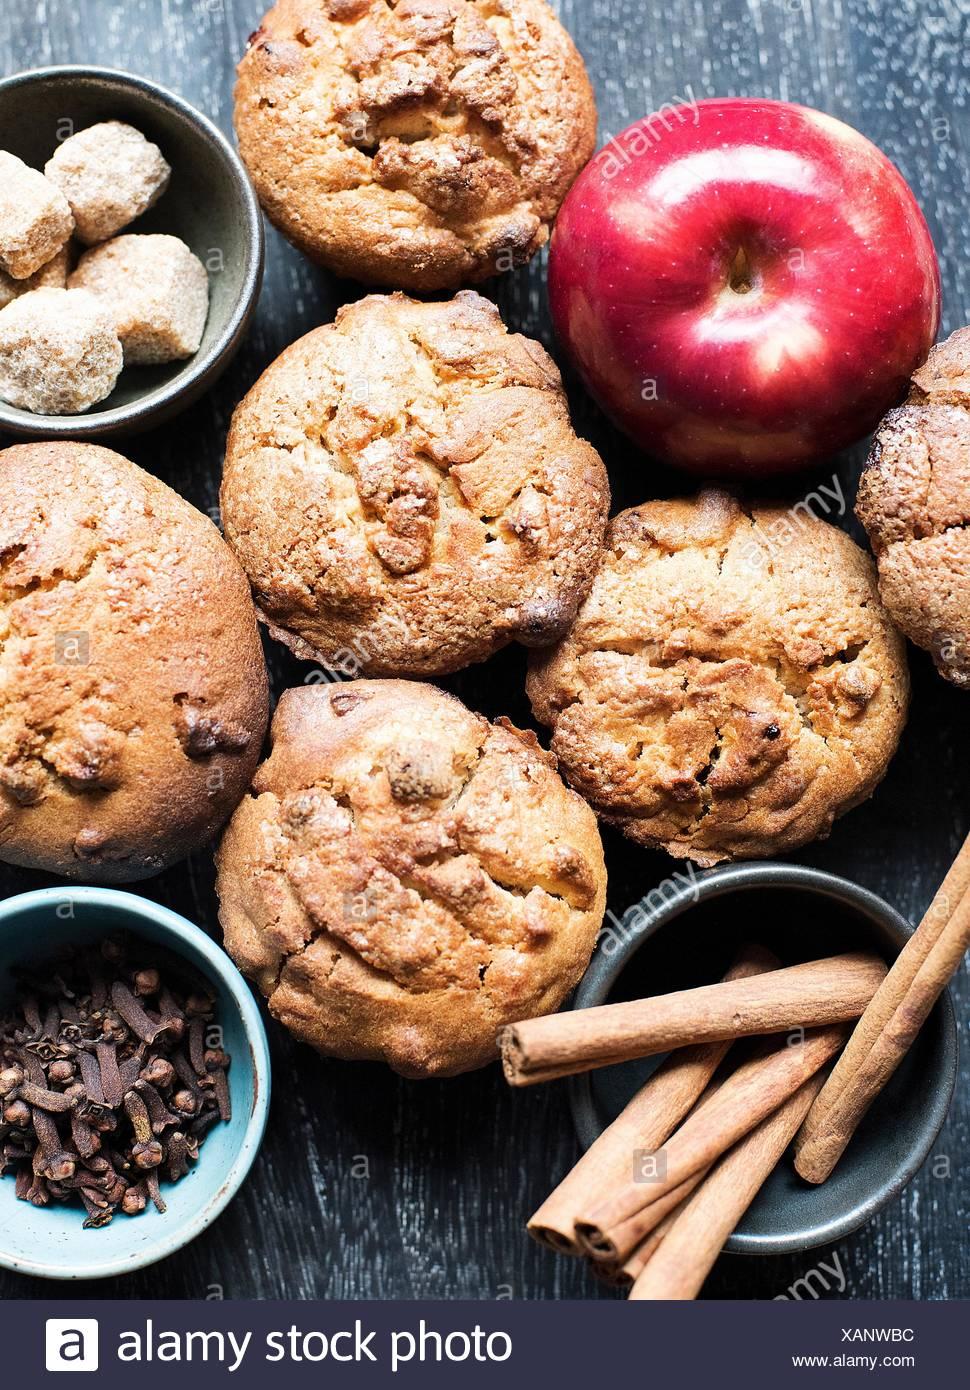 Muffins con manzana, canela y clavo de olor, vista superior Imagen De Stock